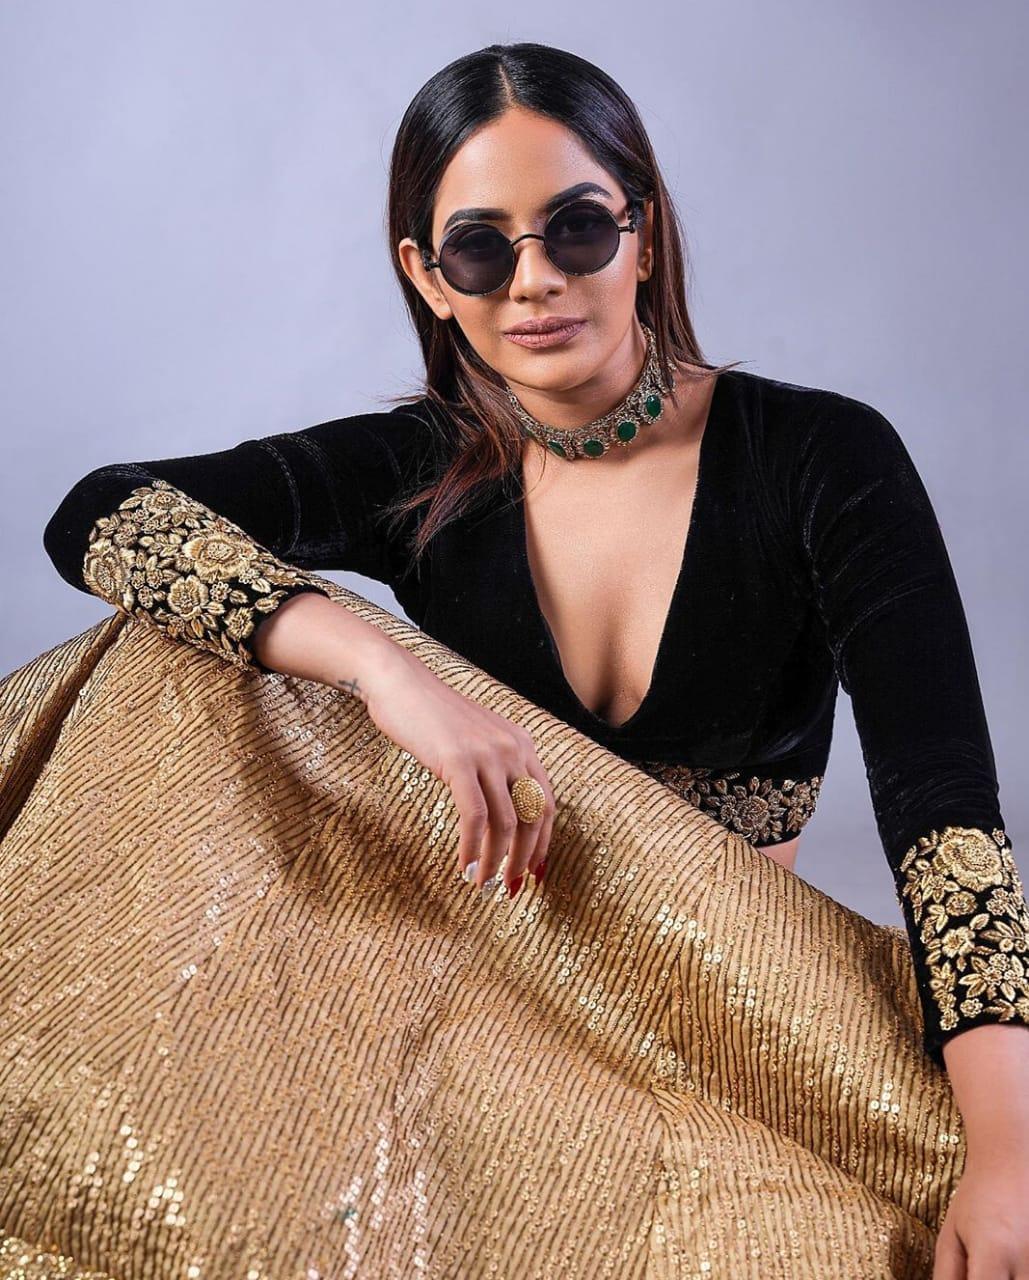 நடிகை ஐஸ்வர்யா தத்தா (படங்கள் - இன்ஸ்டாகிராம்)